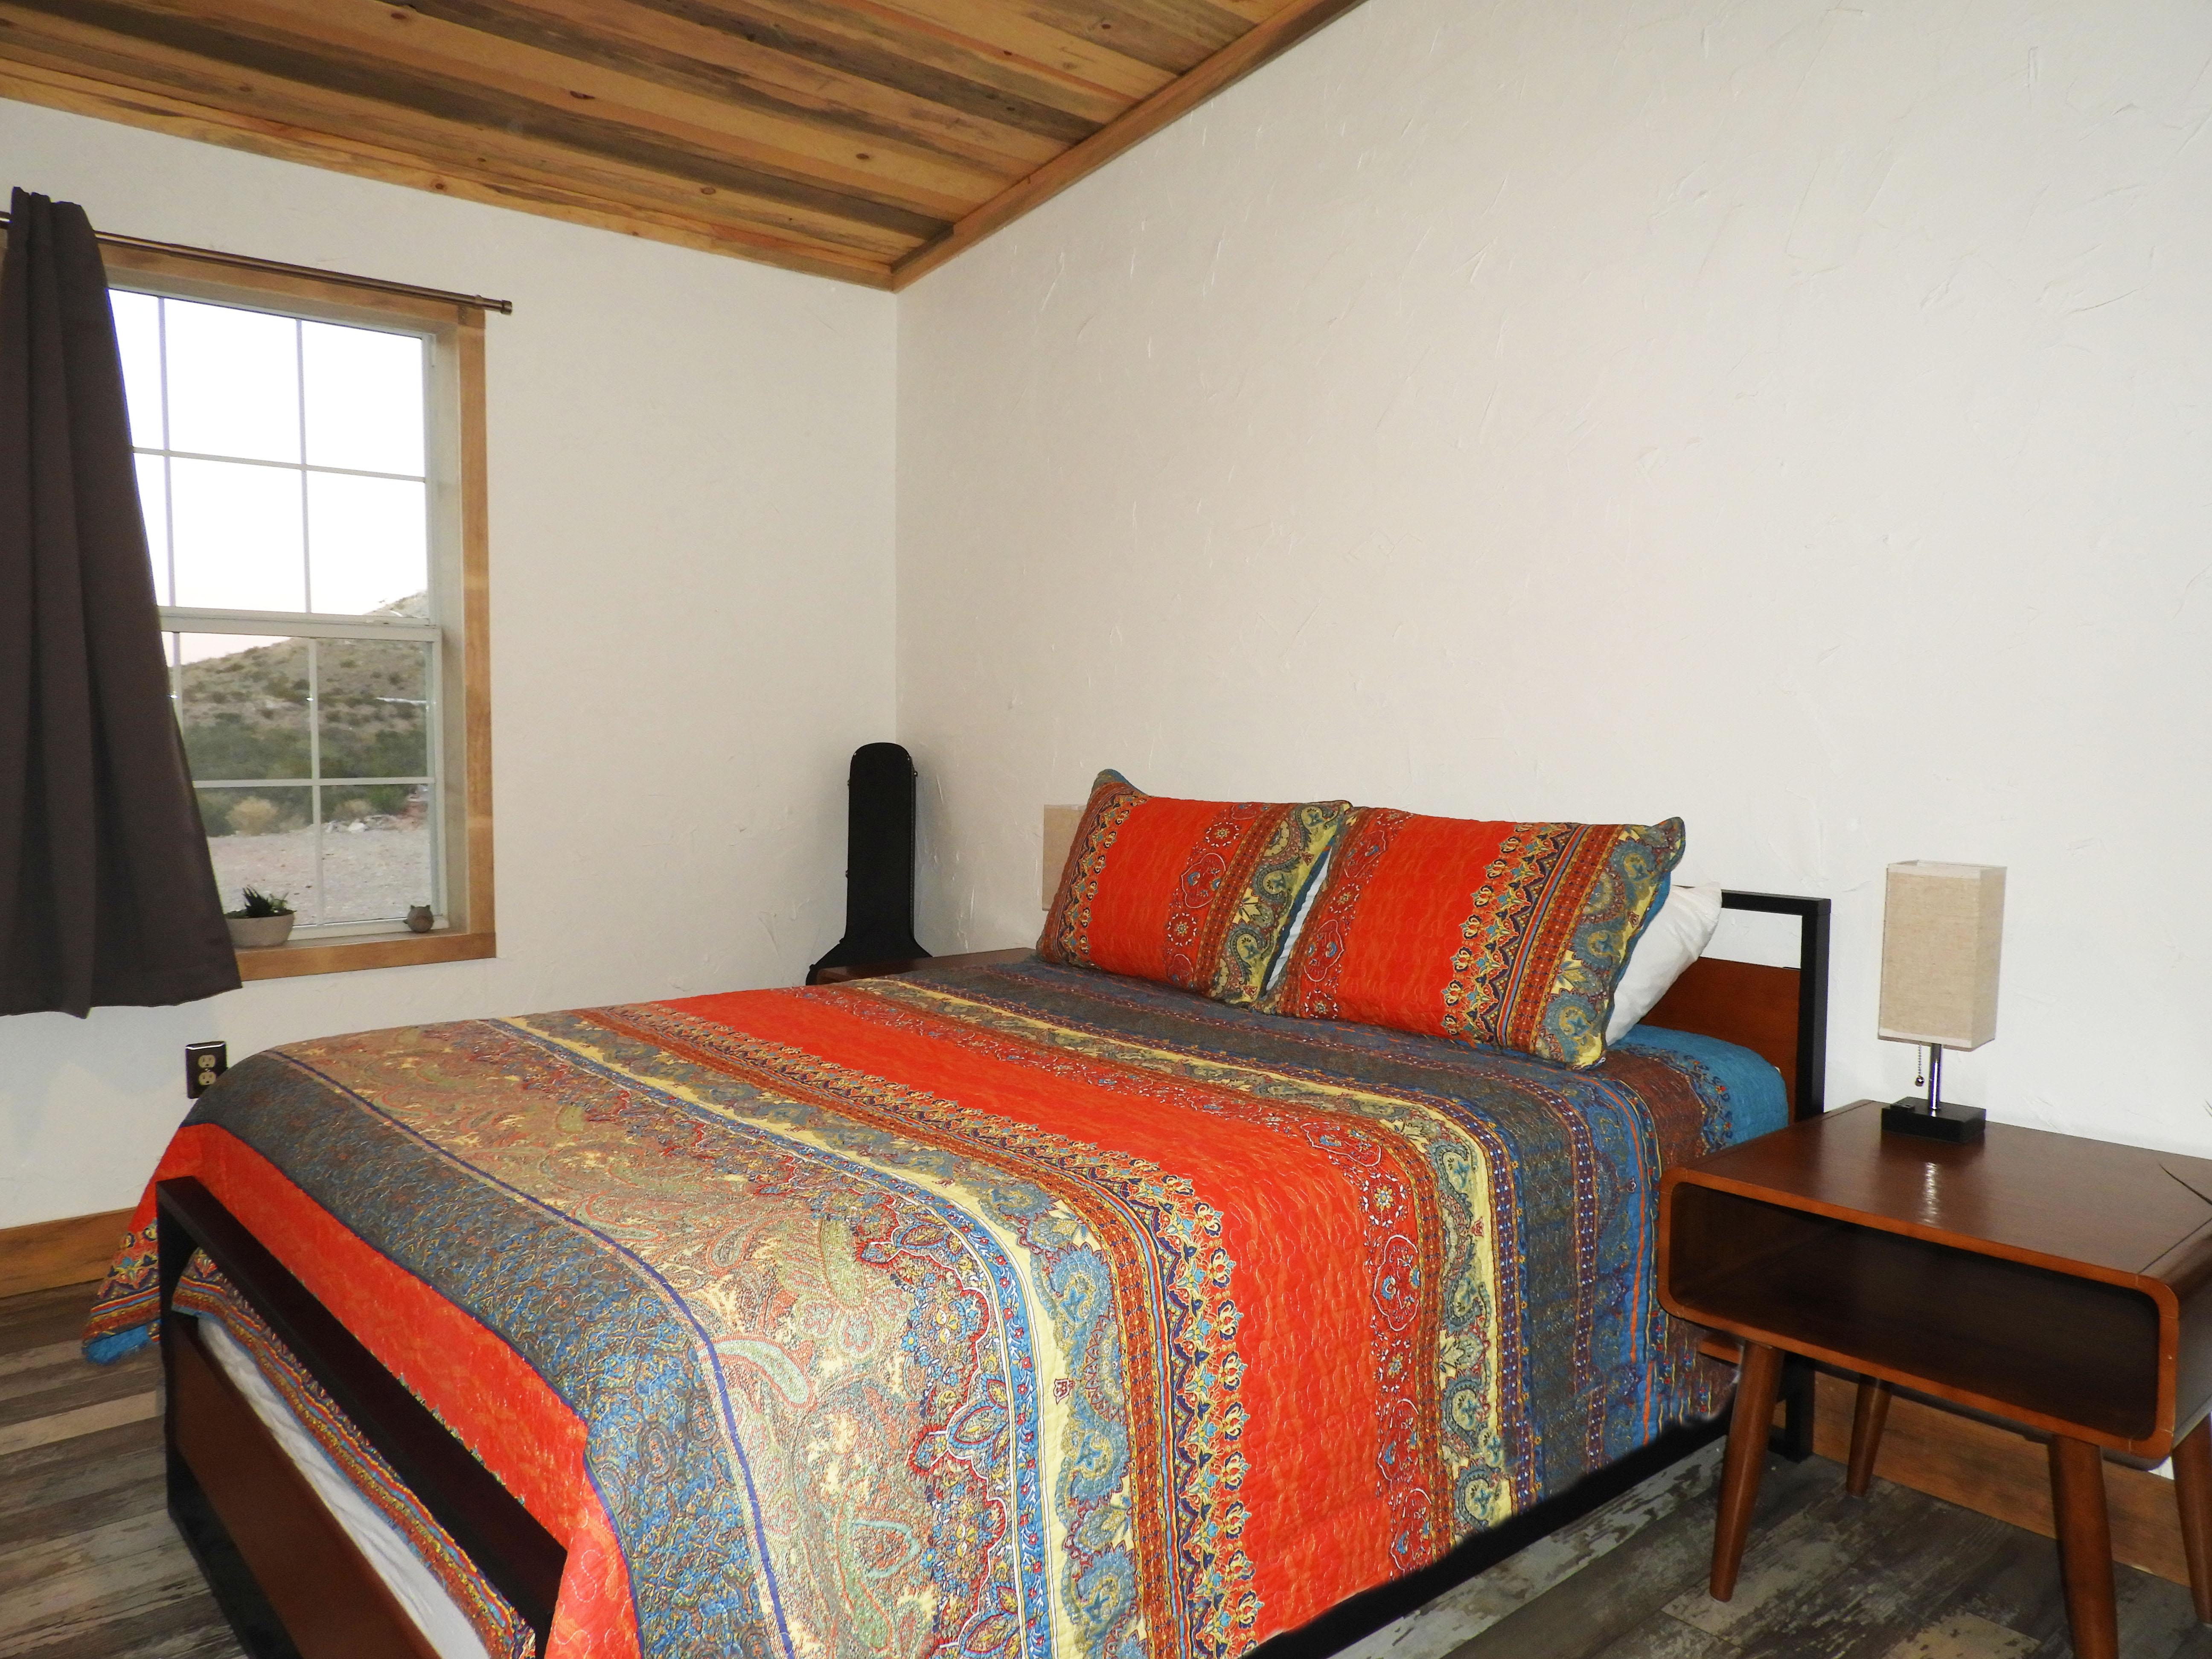 Quee Bedroom